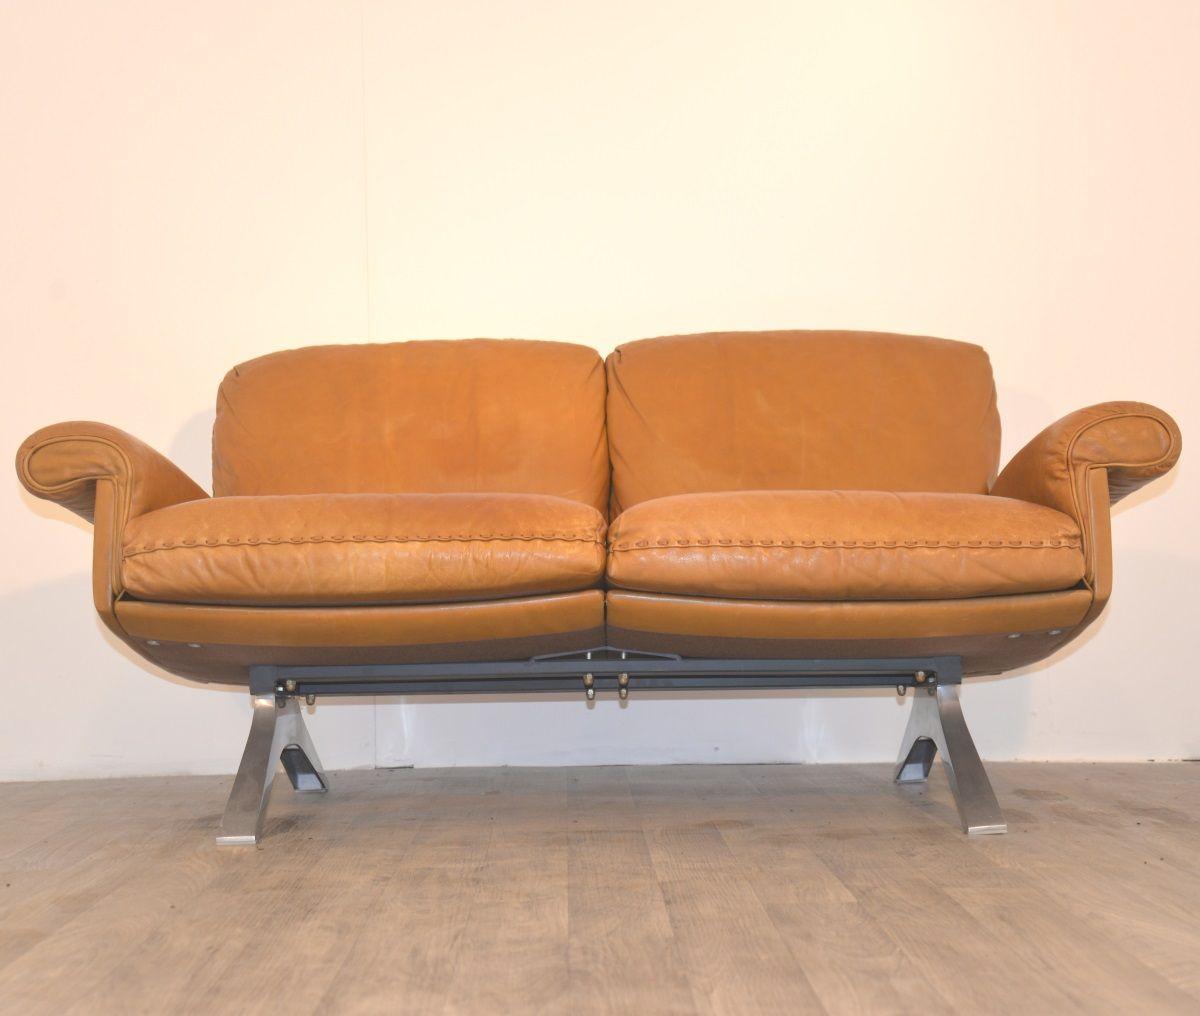 vintage modell ds 31 sofa sessel von de sede 1970er 3er set bei pamono kaufen. Black Bedroom Furniture Sets. Home Design Ideas